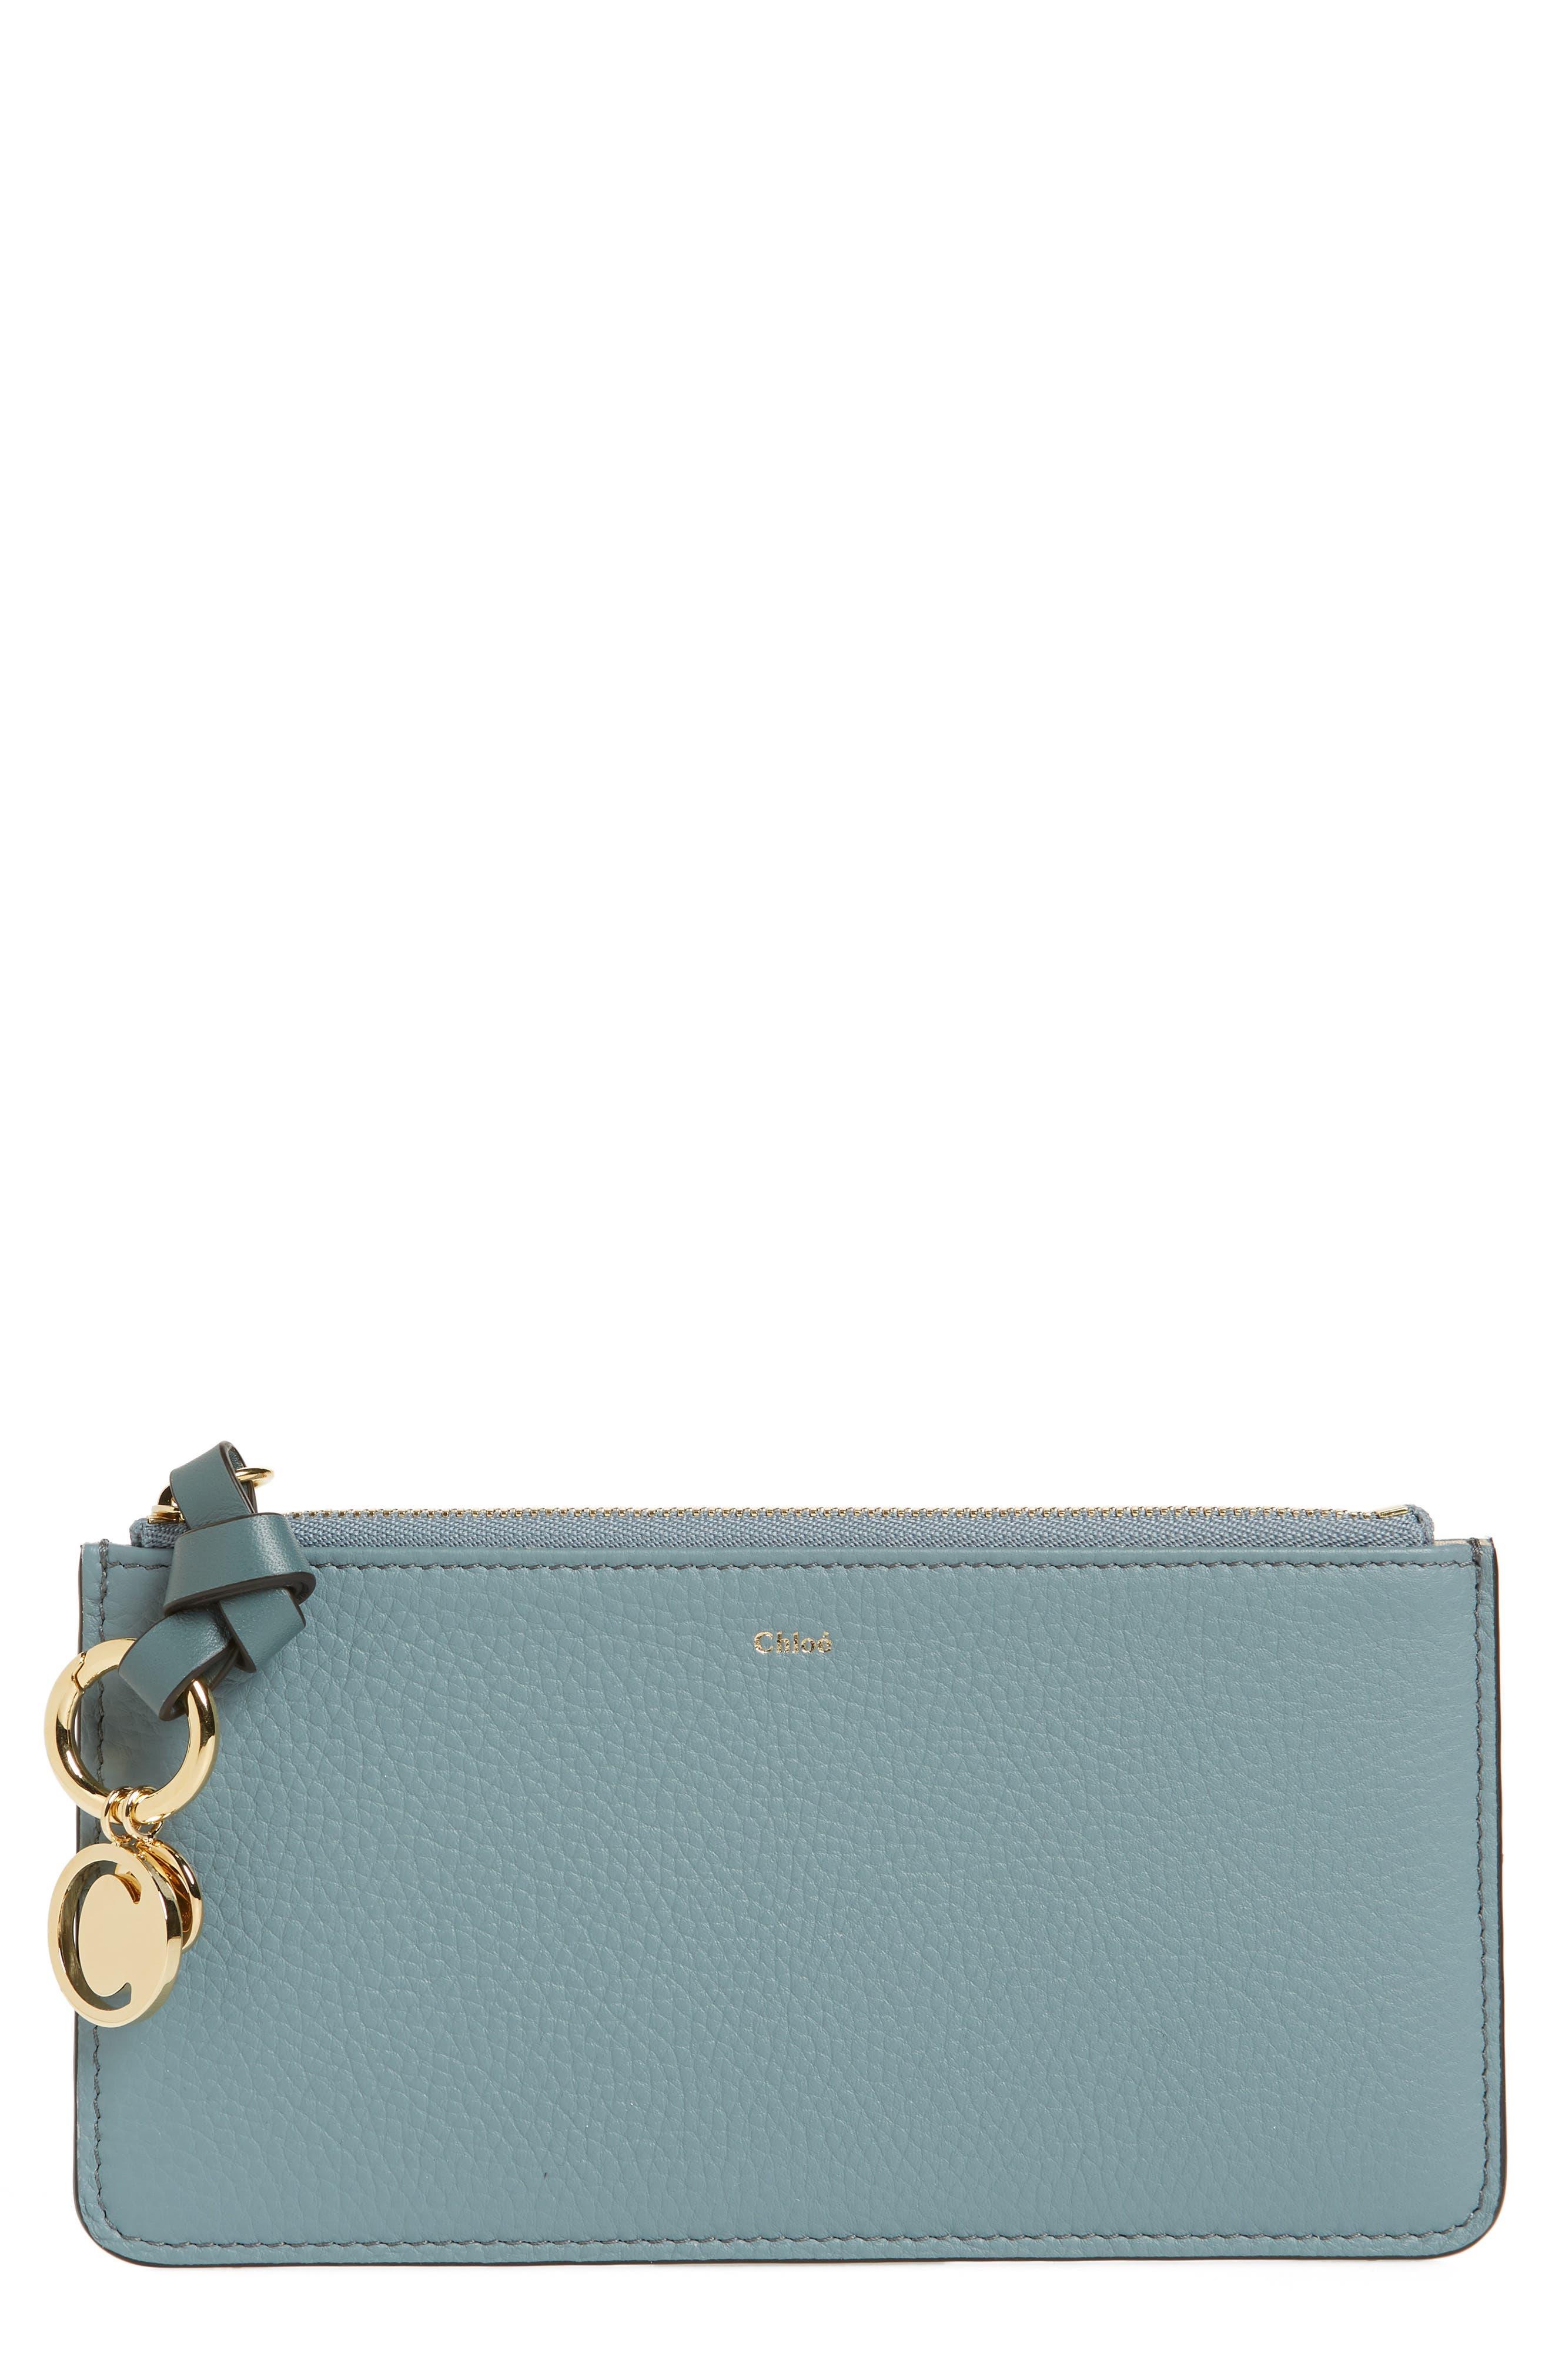 CHLOÉ Zip Wallet Pouch, Main, color, CLOUDY BLUE